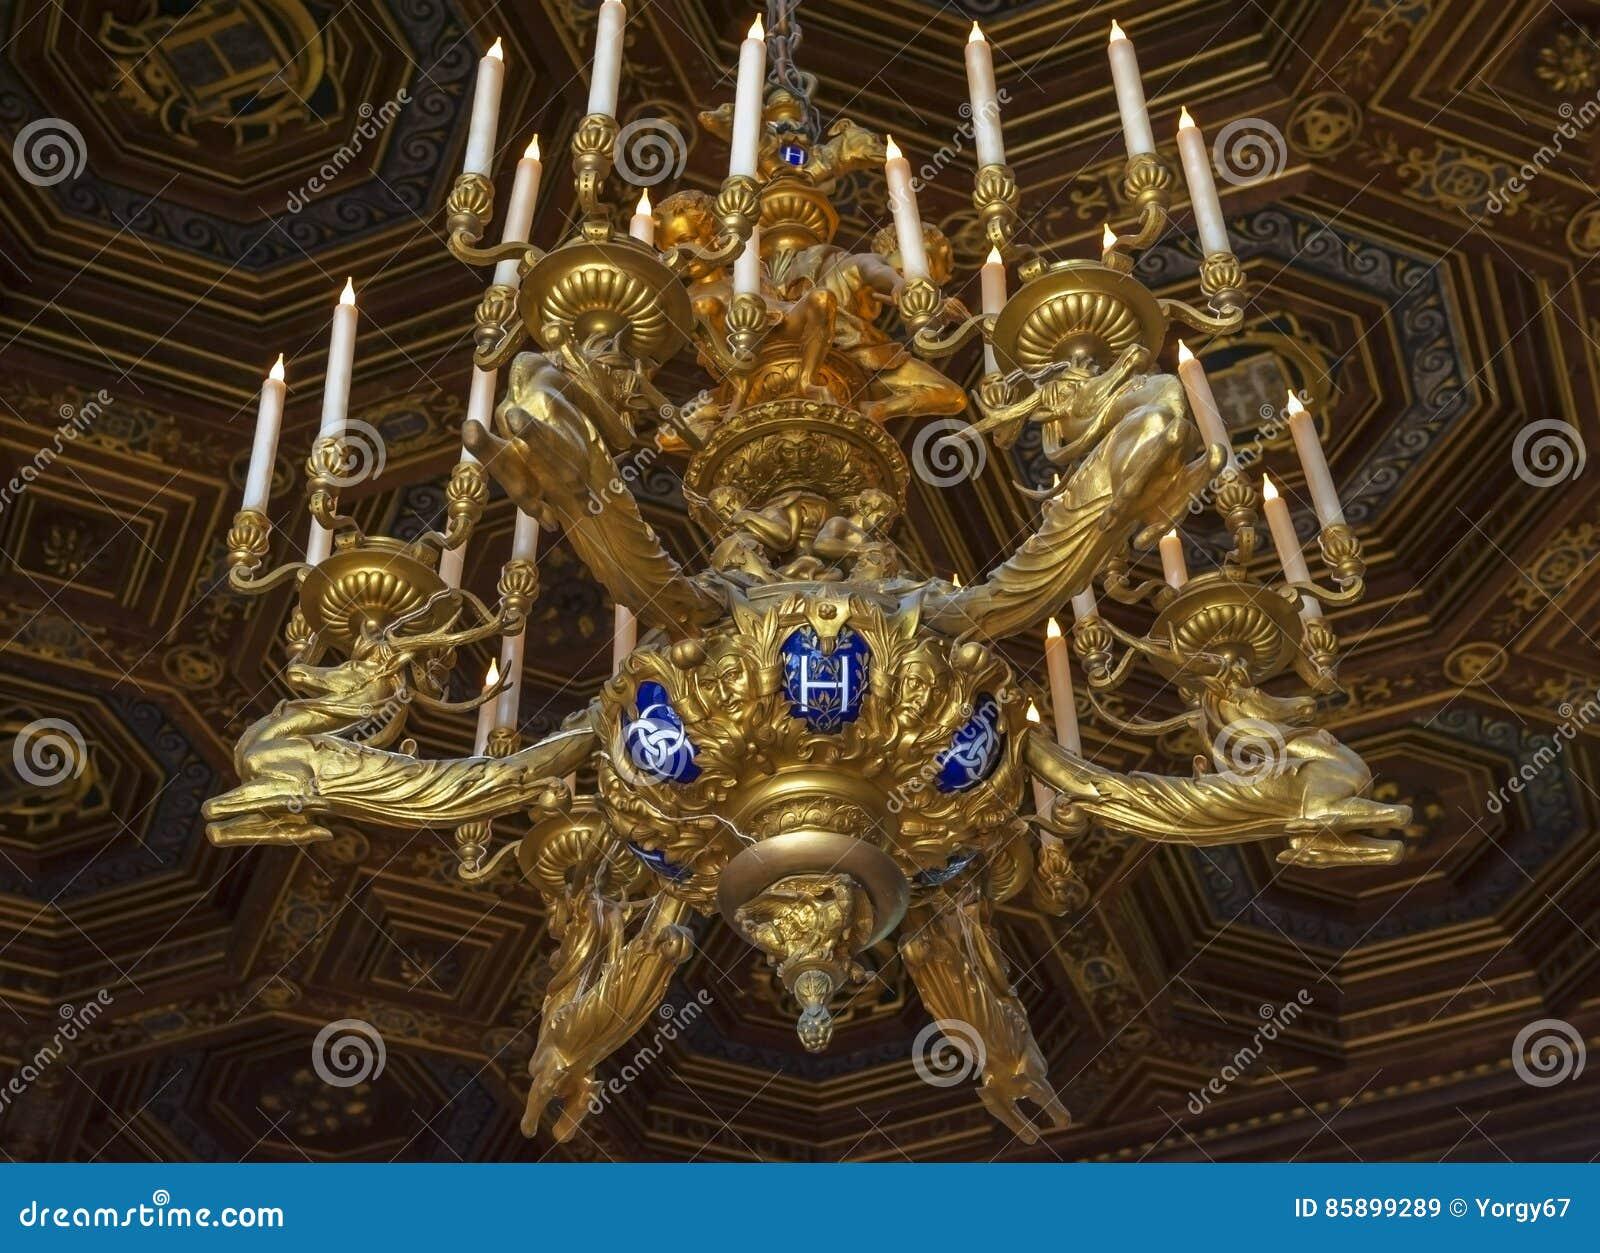 Interno del palazzo reale